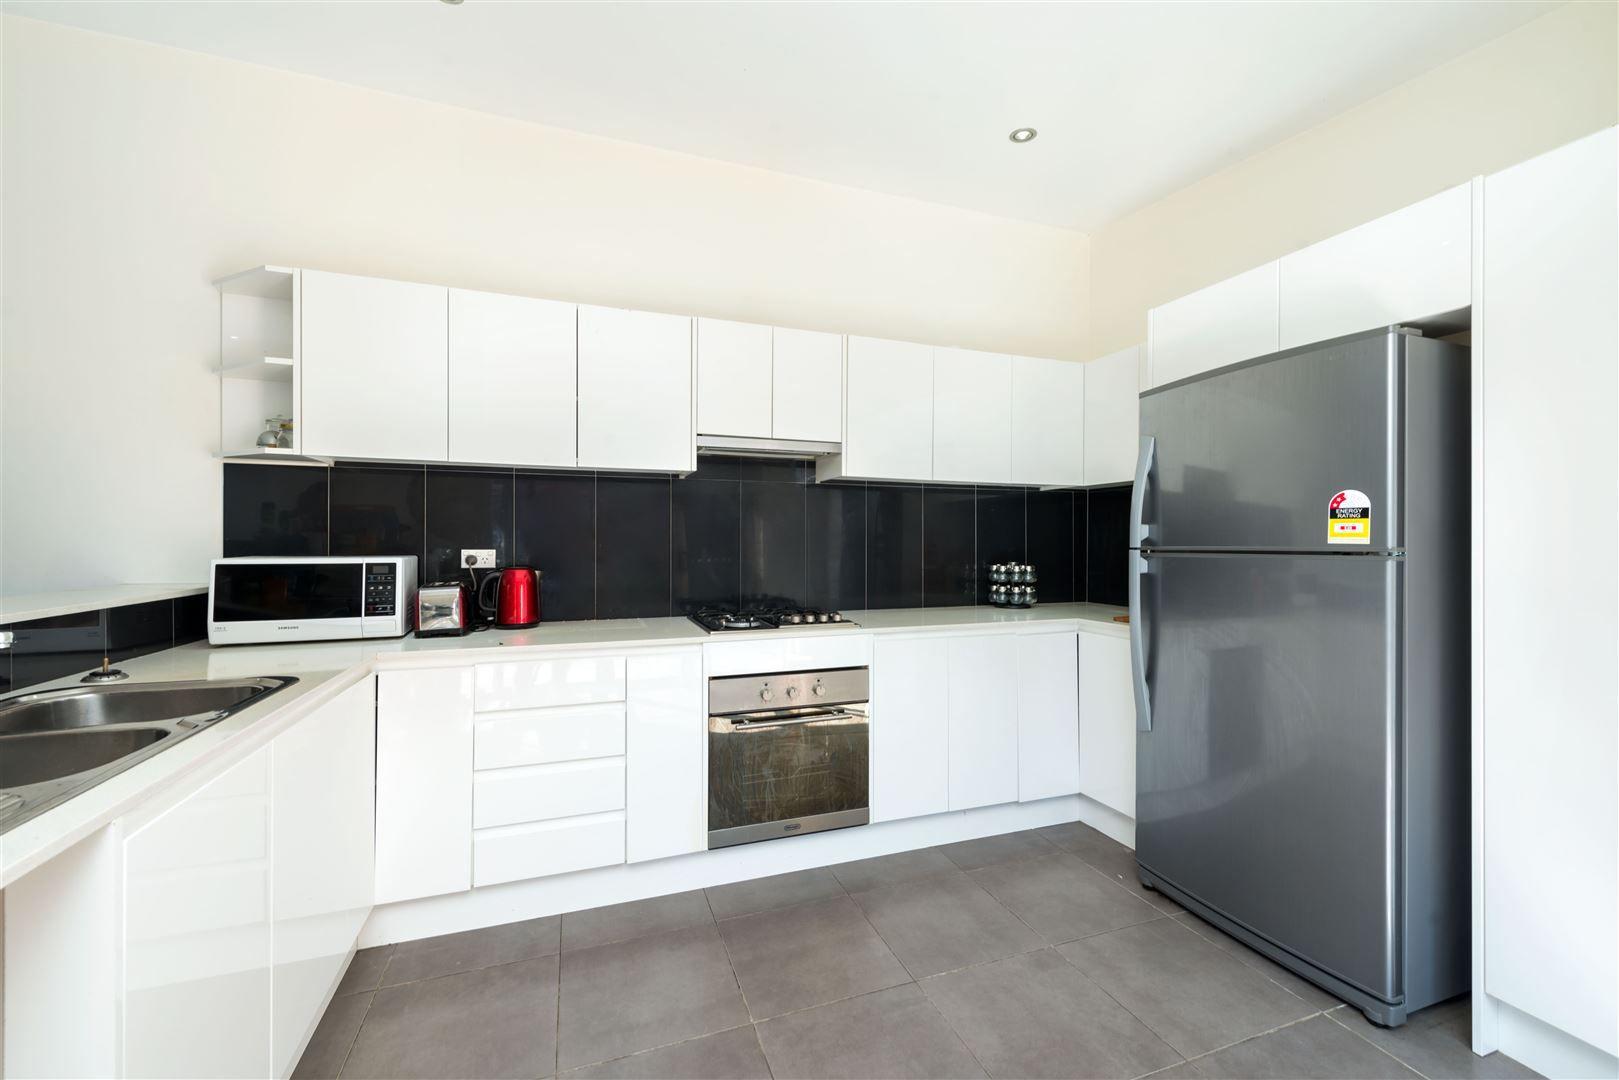 1/66 Glossop Street, St Marys NSW 2760 - Duplex For Sale | Domain